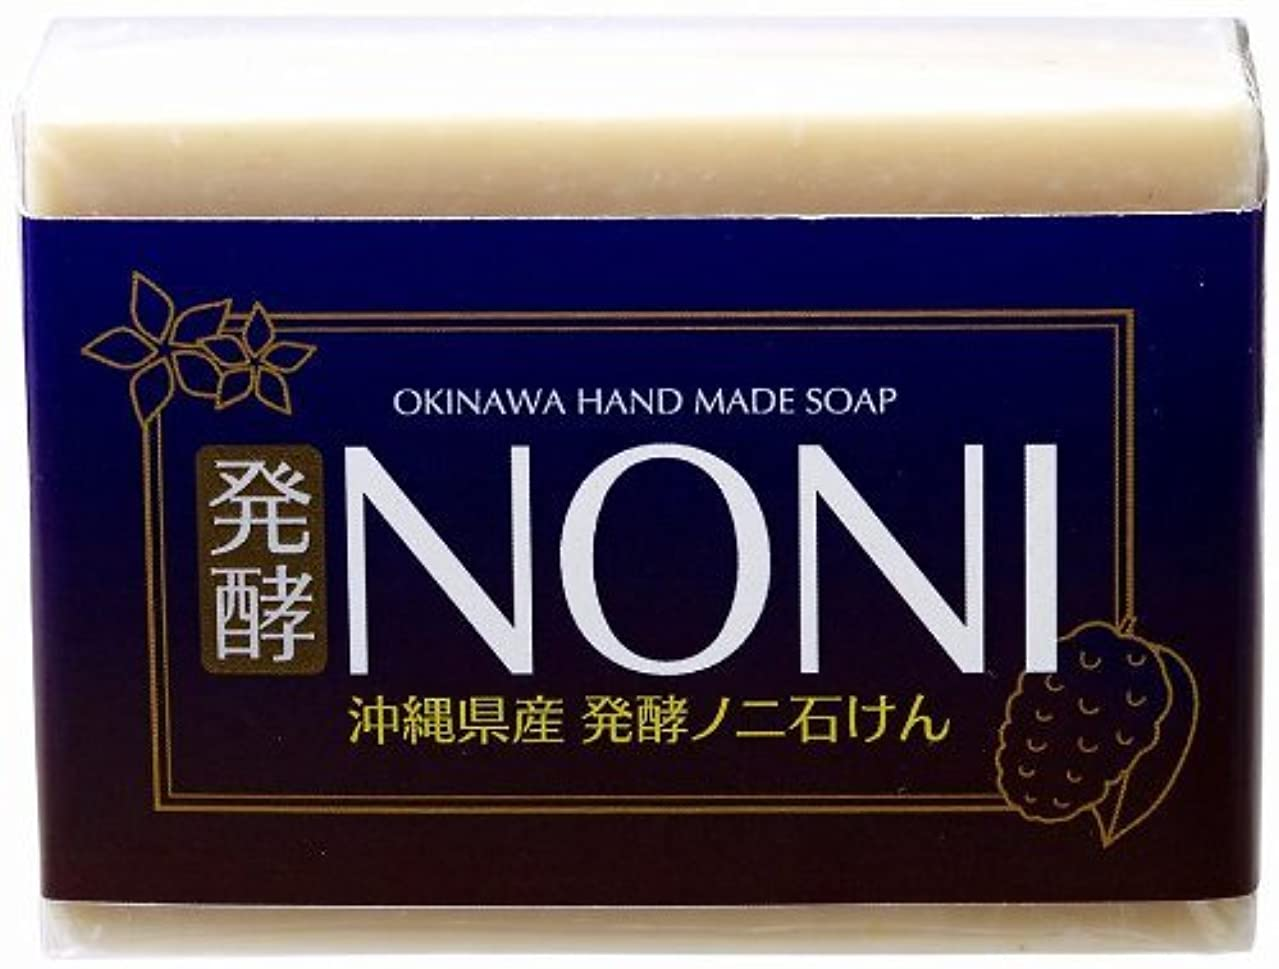 逃すモンスターの慈悲で沖縄 手作り ナチュラル洗顔 NONI石鹸 100g×10個 GreenEarth 発酵ノニを使用した保湿力の高いナチュラルソープ